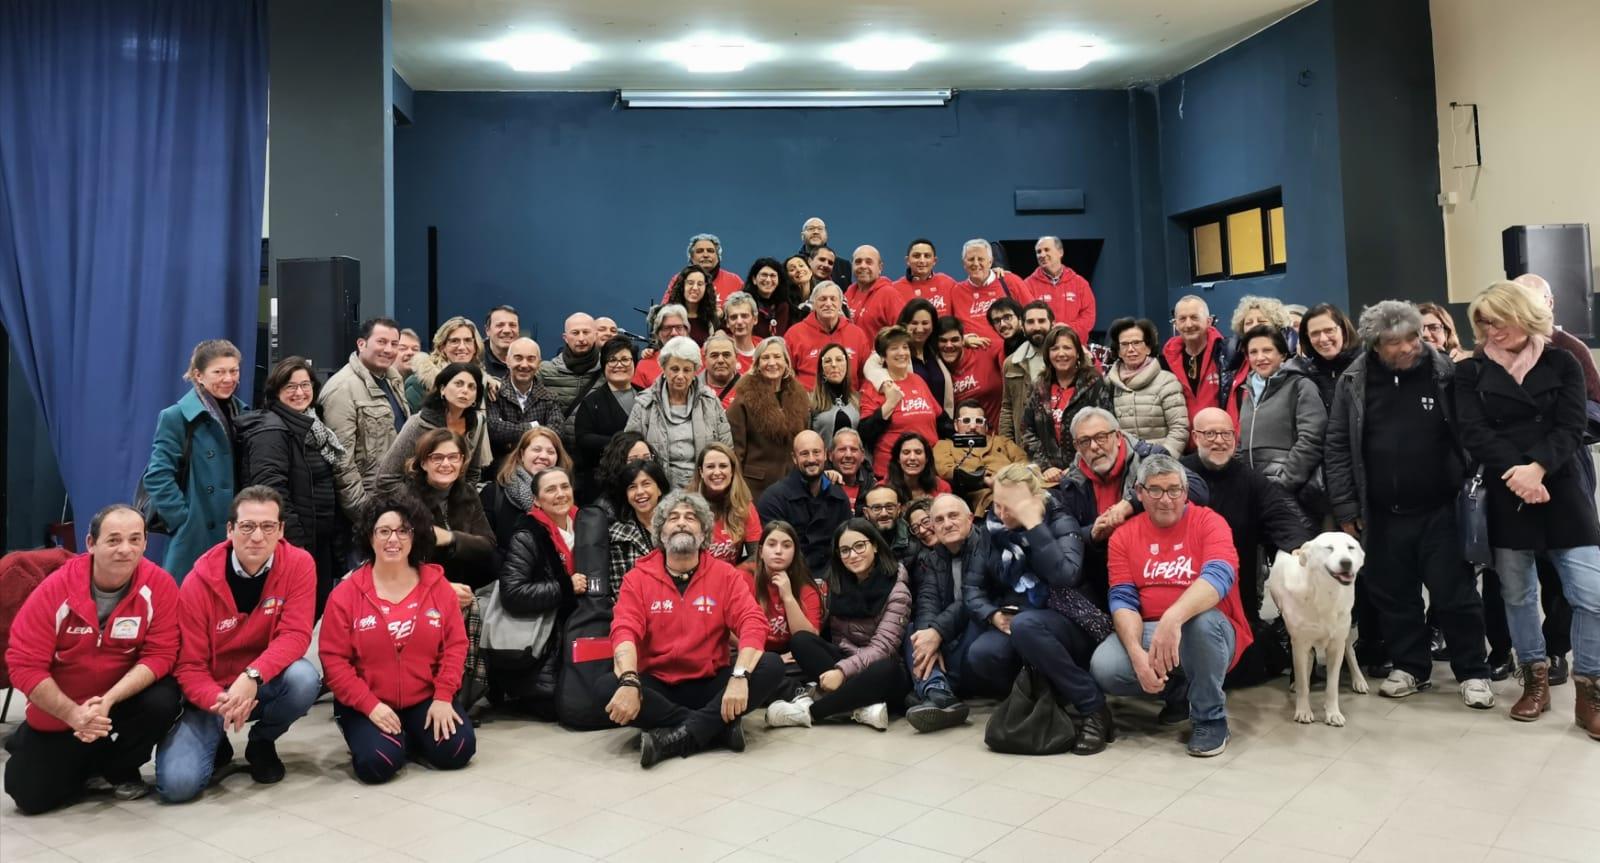 Lotta alle mafie, il 21 marzo don Ciotti a Palermo per la Giornata della Memoria e dell'Impegno